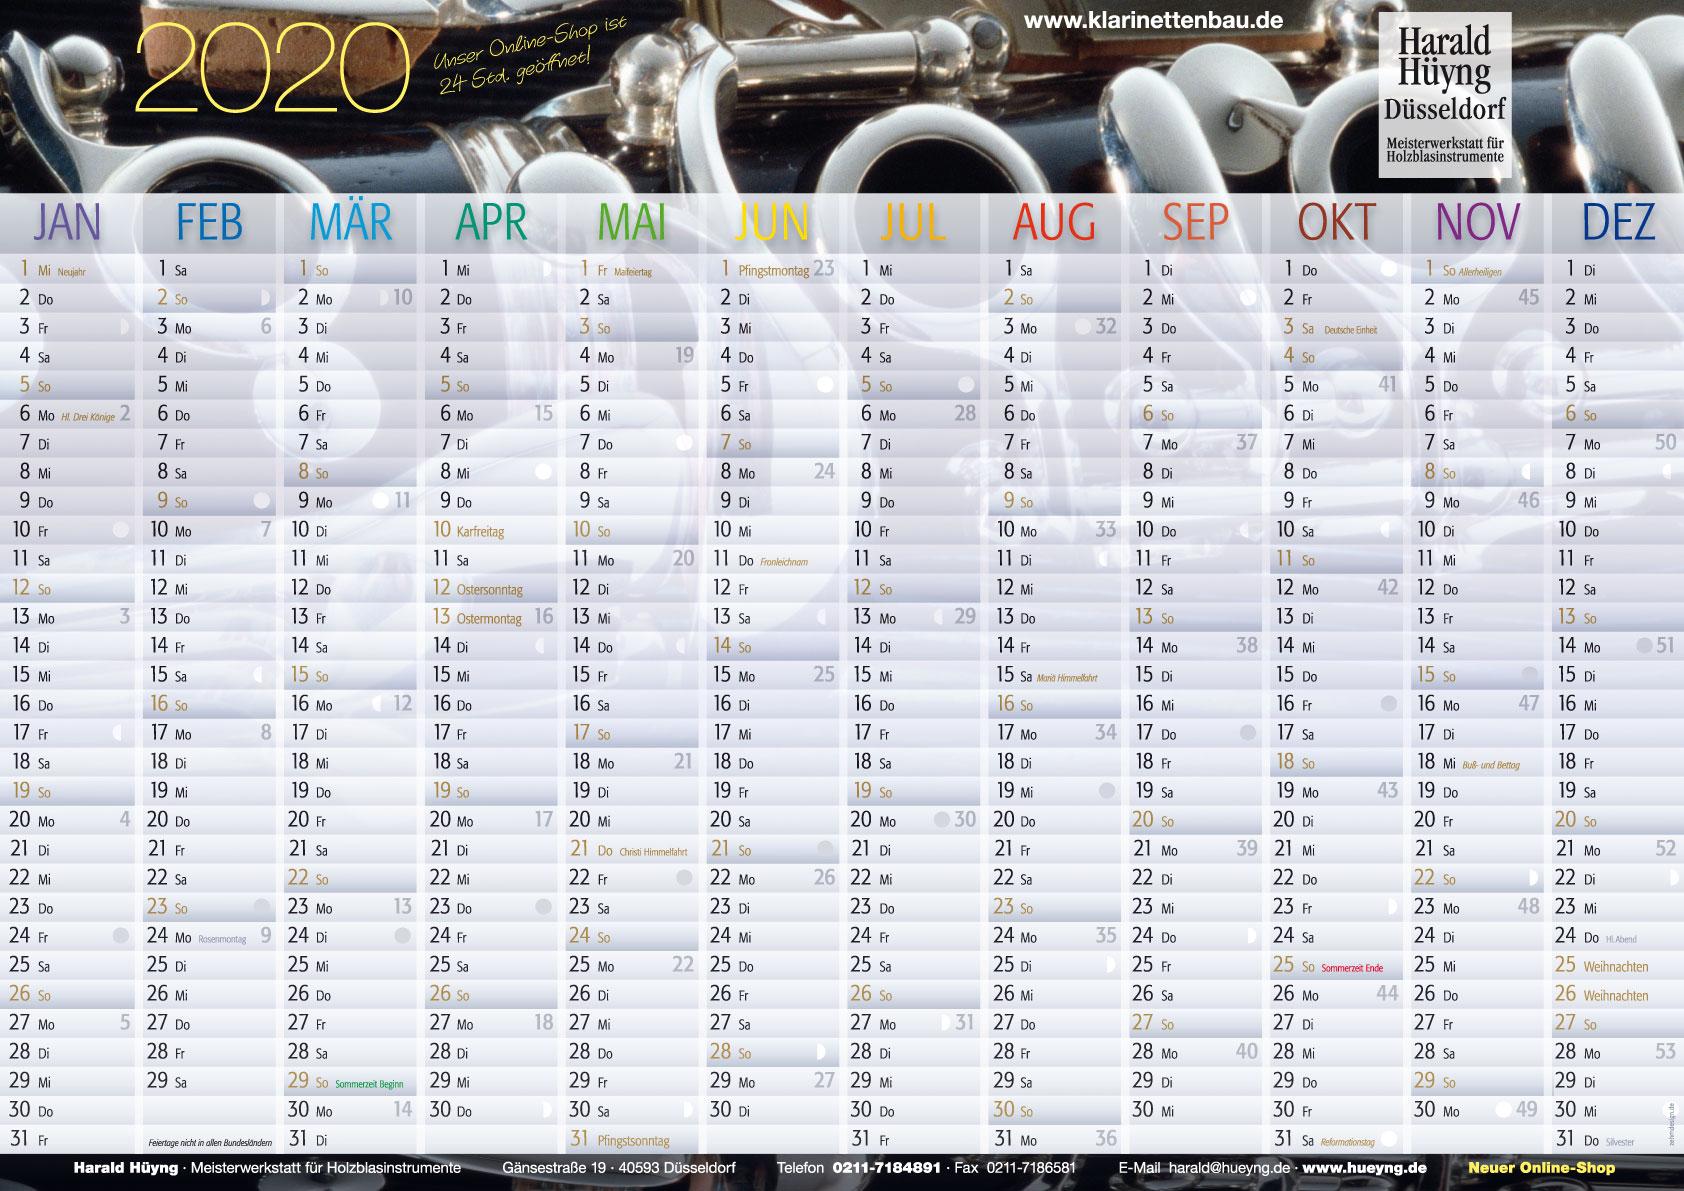 Zehm Design Kalender Harald Hüyng 2020